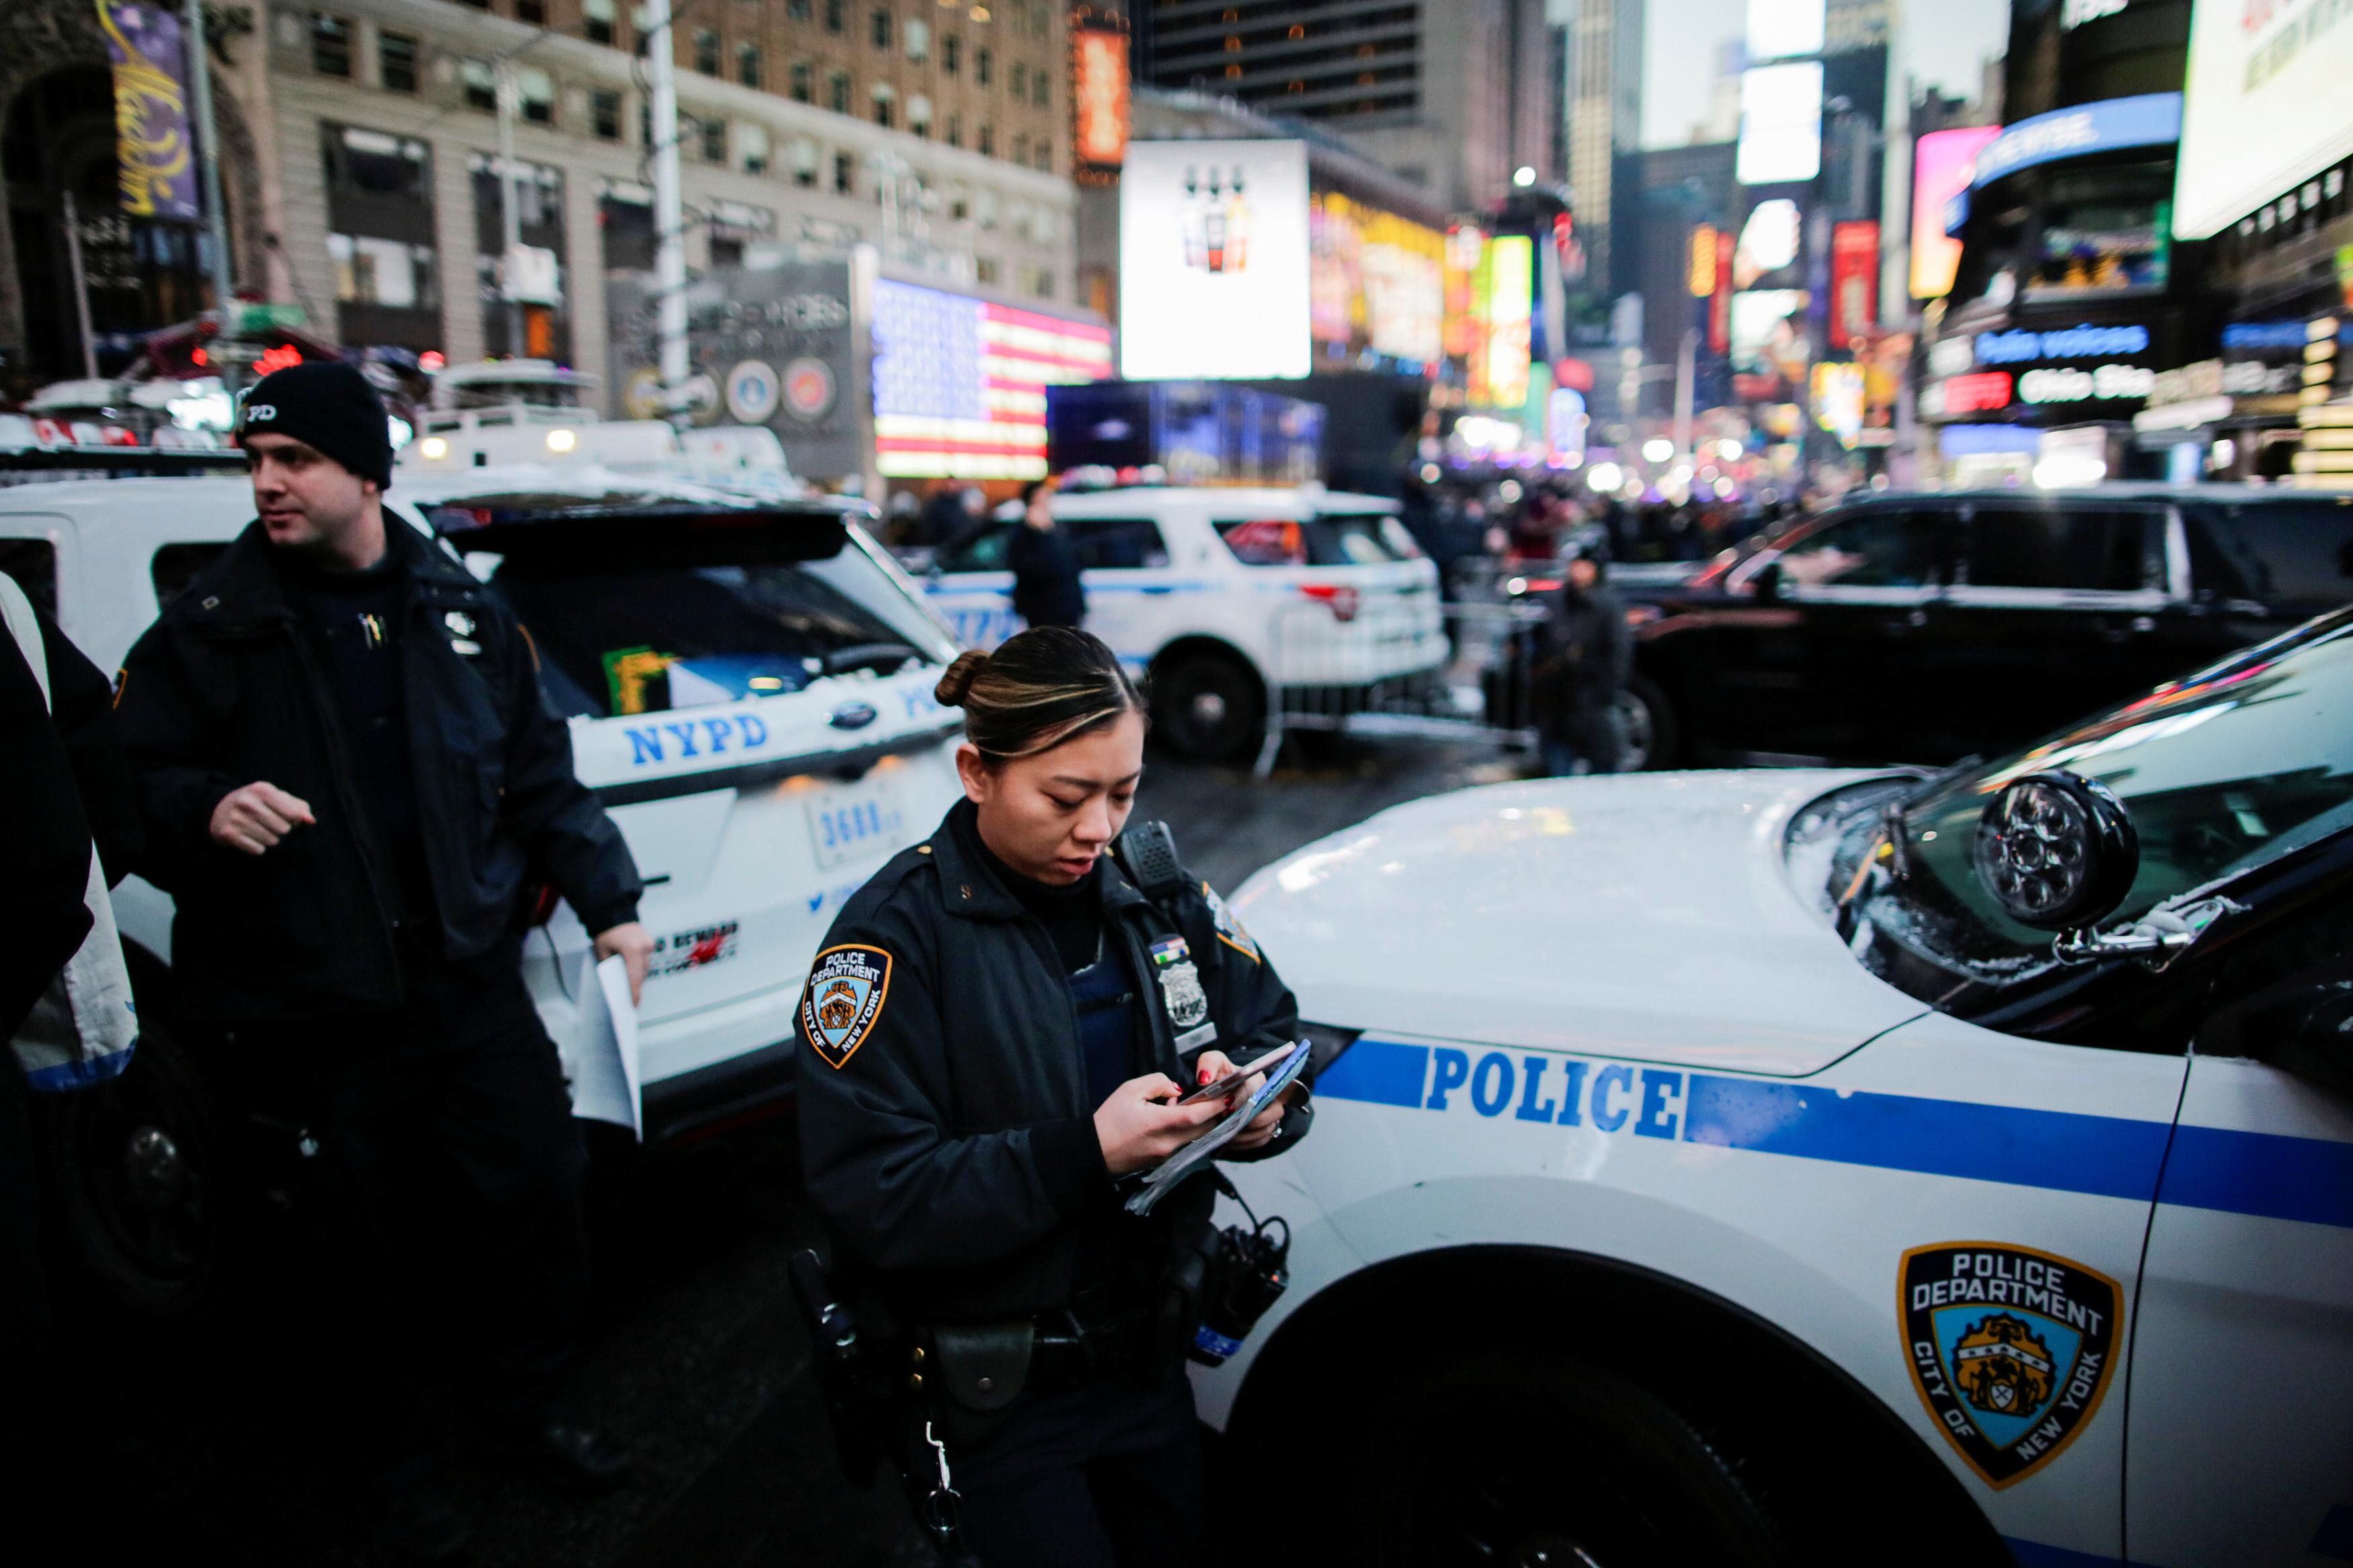 تجهيزات شرطة نيويورك استعدادات لاحتفالات عيد الميلاد